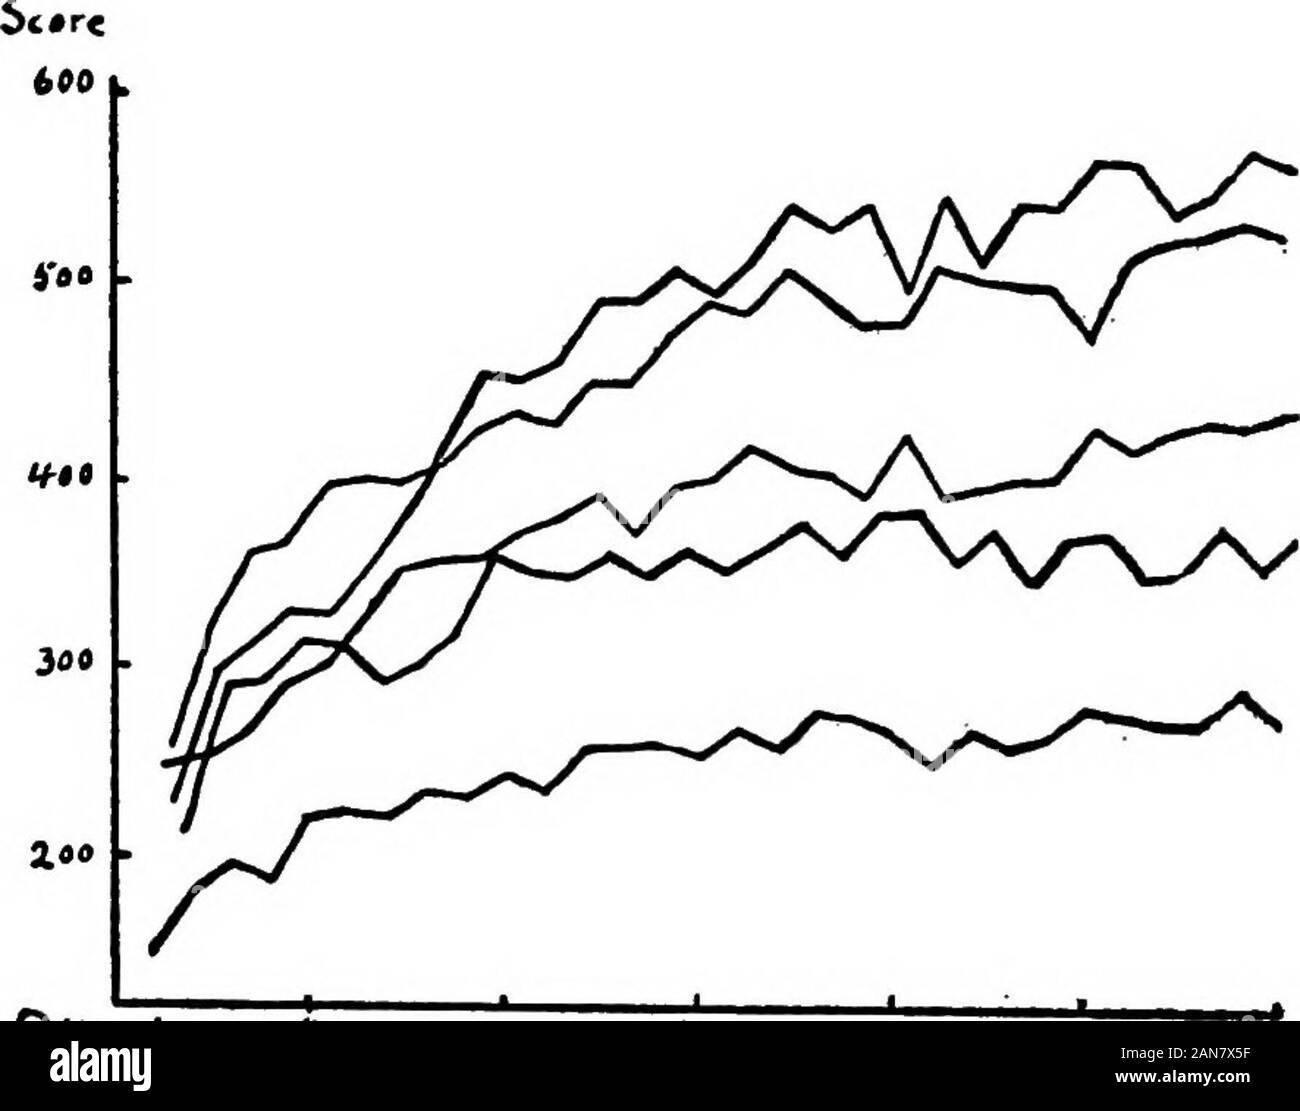 """Periodicidad funcional; un estudio experimental de la capacidad motora y mental de la mujer durante la menstruación. Me Dij tt 10 ly yo"""" ai- 3* La Figura 14. (Pozos)-Número-comprobación Test-hombres. La puntuación indica el número de os marcada en un minuto, sobre eachof 30 días sucesivos, por cinco individuos diferentes, cada curva repre-presentar un solo individuo. Curvas de procesos fisiológicos 85. Odjr / S- 10 ii- i, M- en la figura 15. (Pozos) Añadido test-mujer. La puntuación indica el número de adiciones hechas en cinco minutos, acada de 30 días sucesivos, por cinco individuos diferentes, cada curverepresent Foto de stock"""